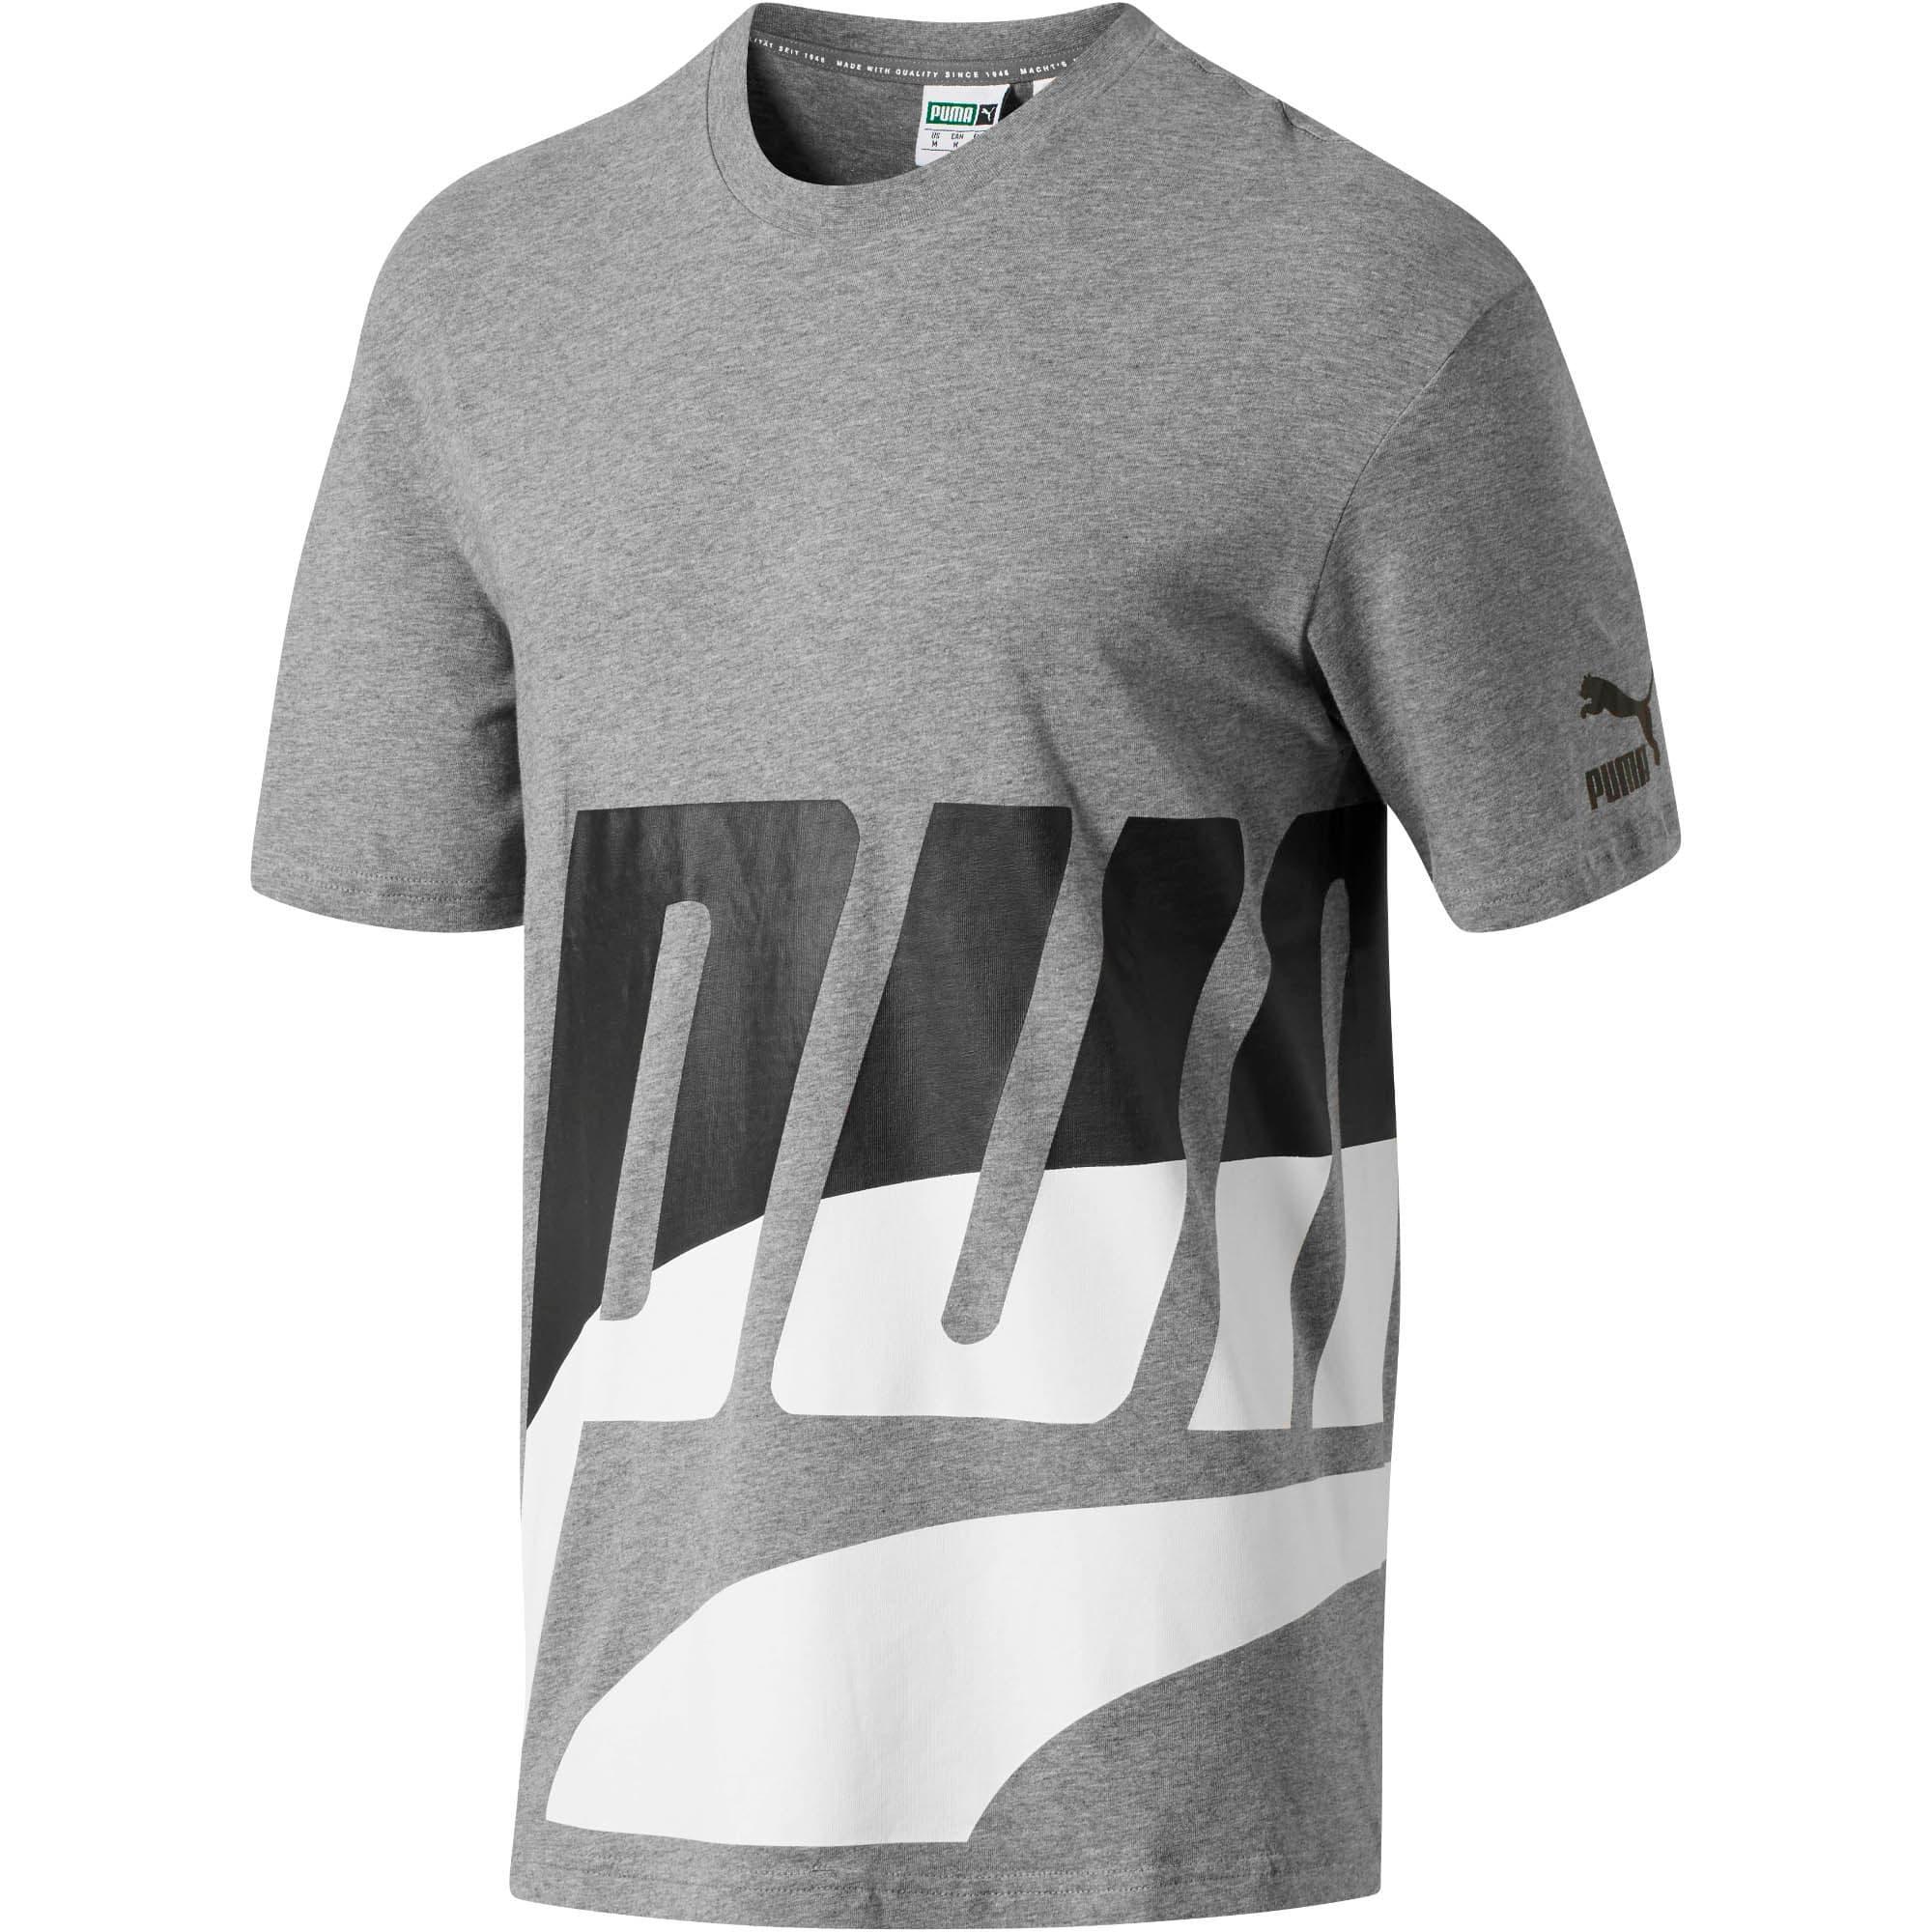 Thumbnail 1 of Men's Loud T-Shirt, Medium Gray Heather, medium